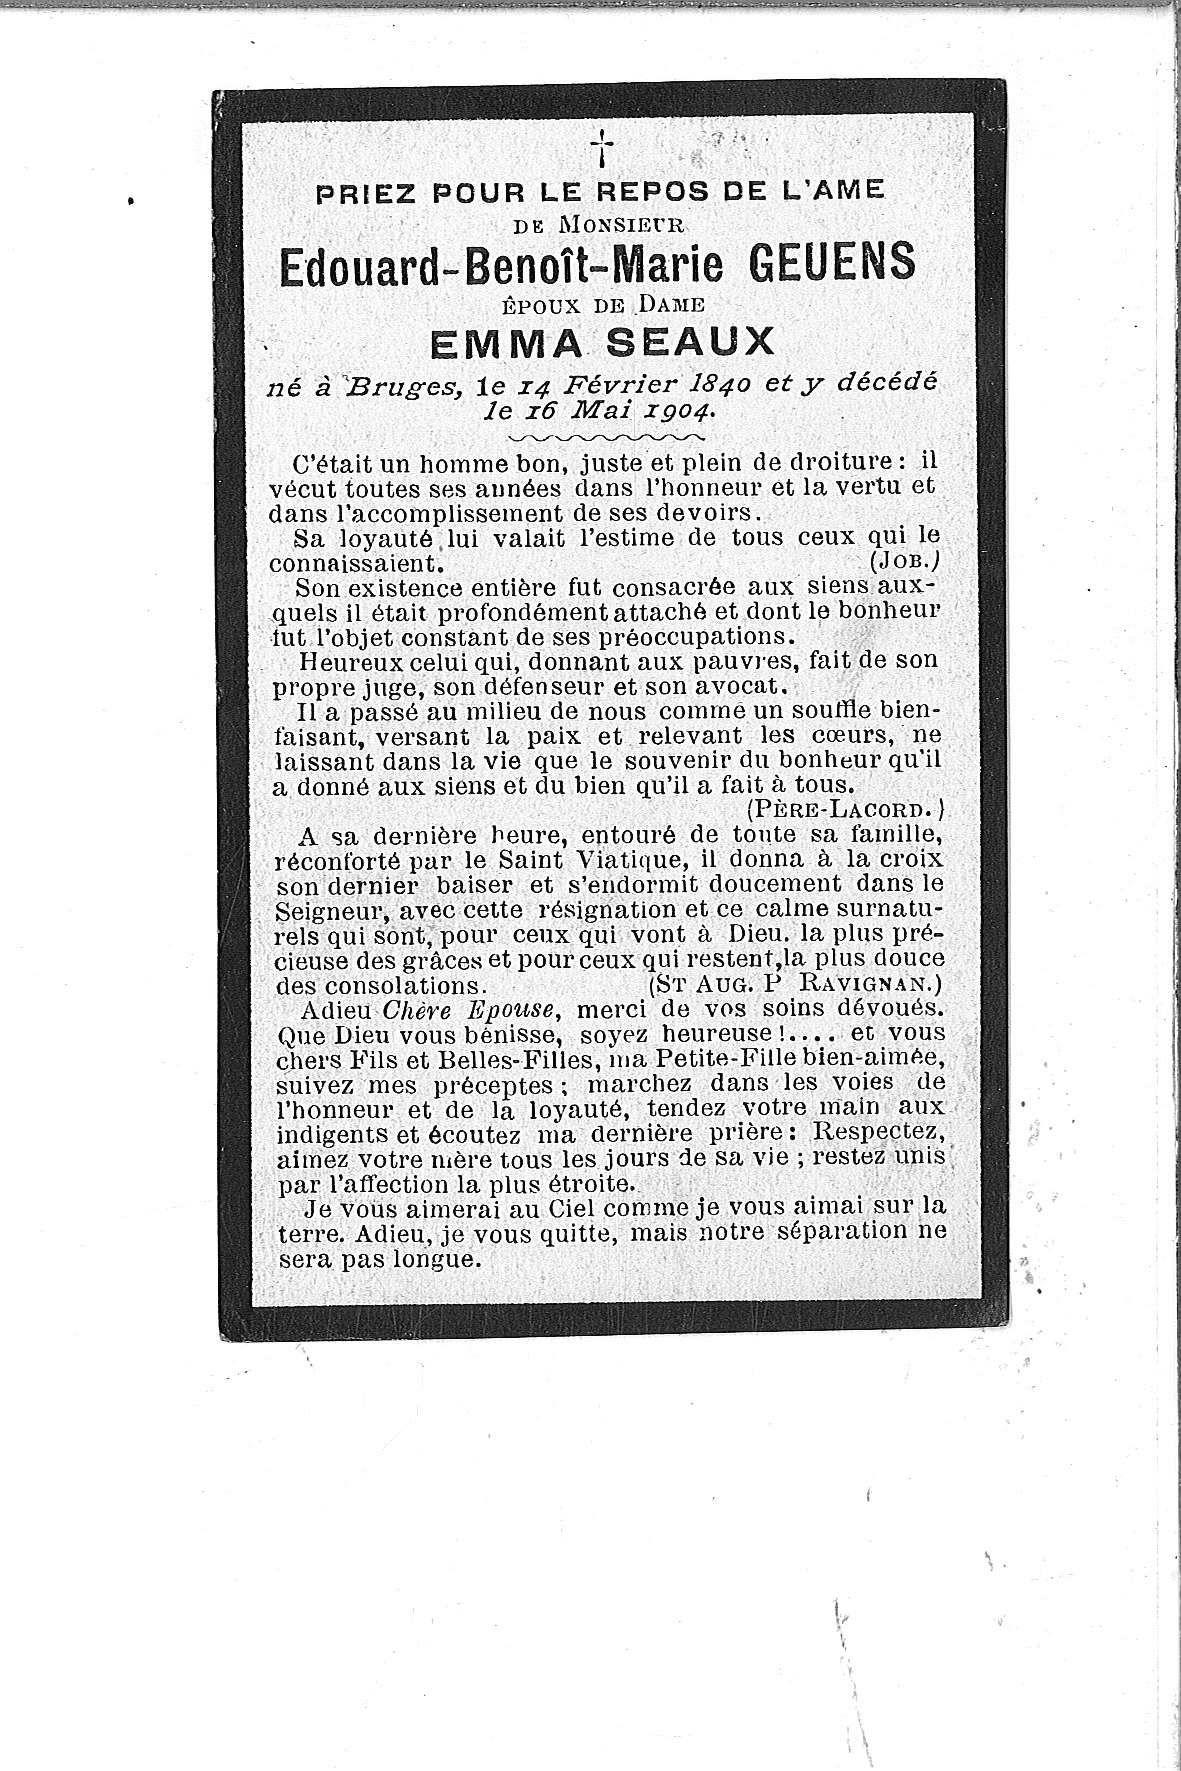 Edouard - Benoît - Marie (1904)20131210144048_00009.jpg